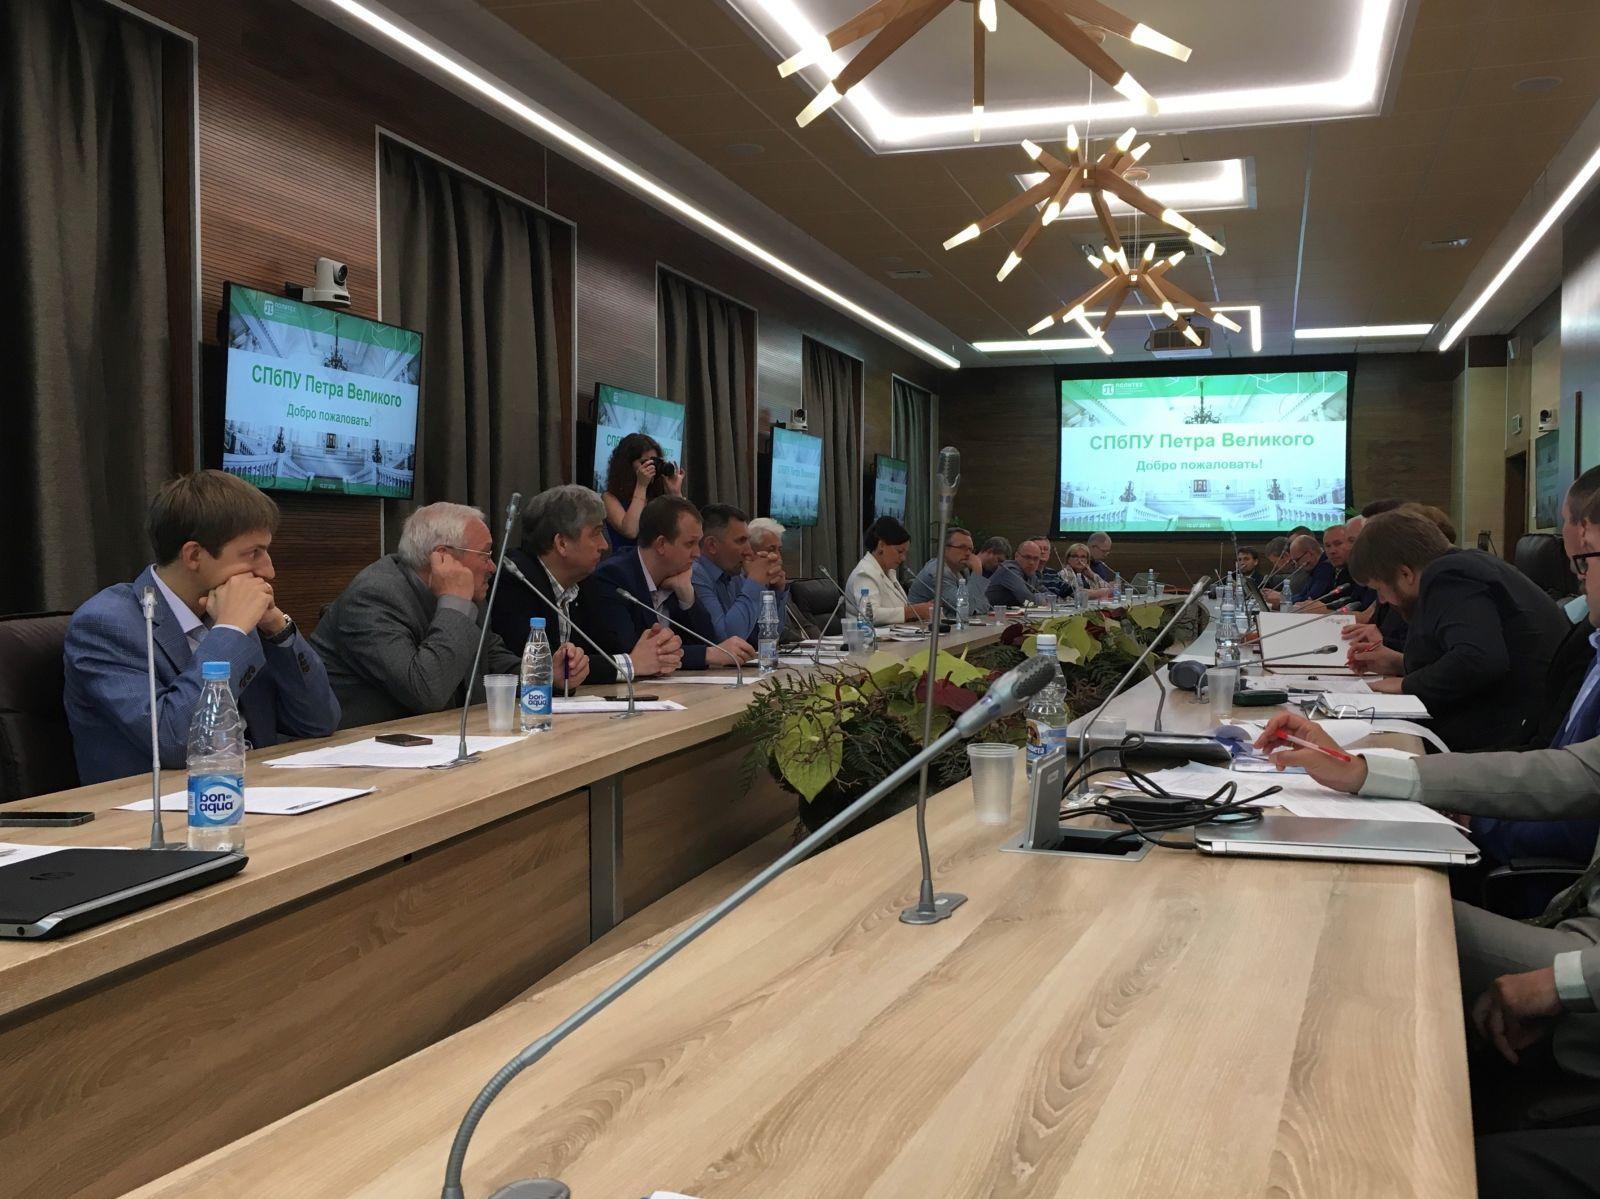 На заседании НТС при Минпромторге в Санкт-Петербурге обсудили вопрос обязательной сертификации тротуарной плитки